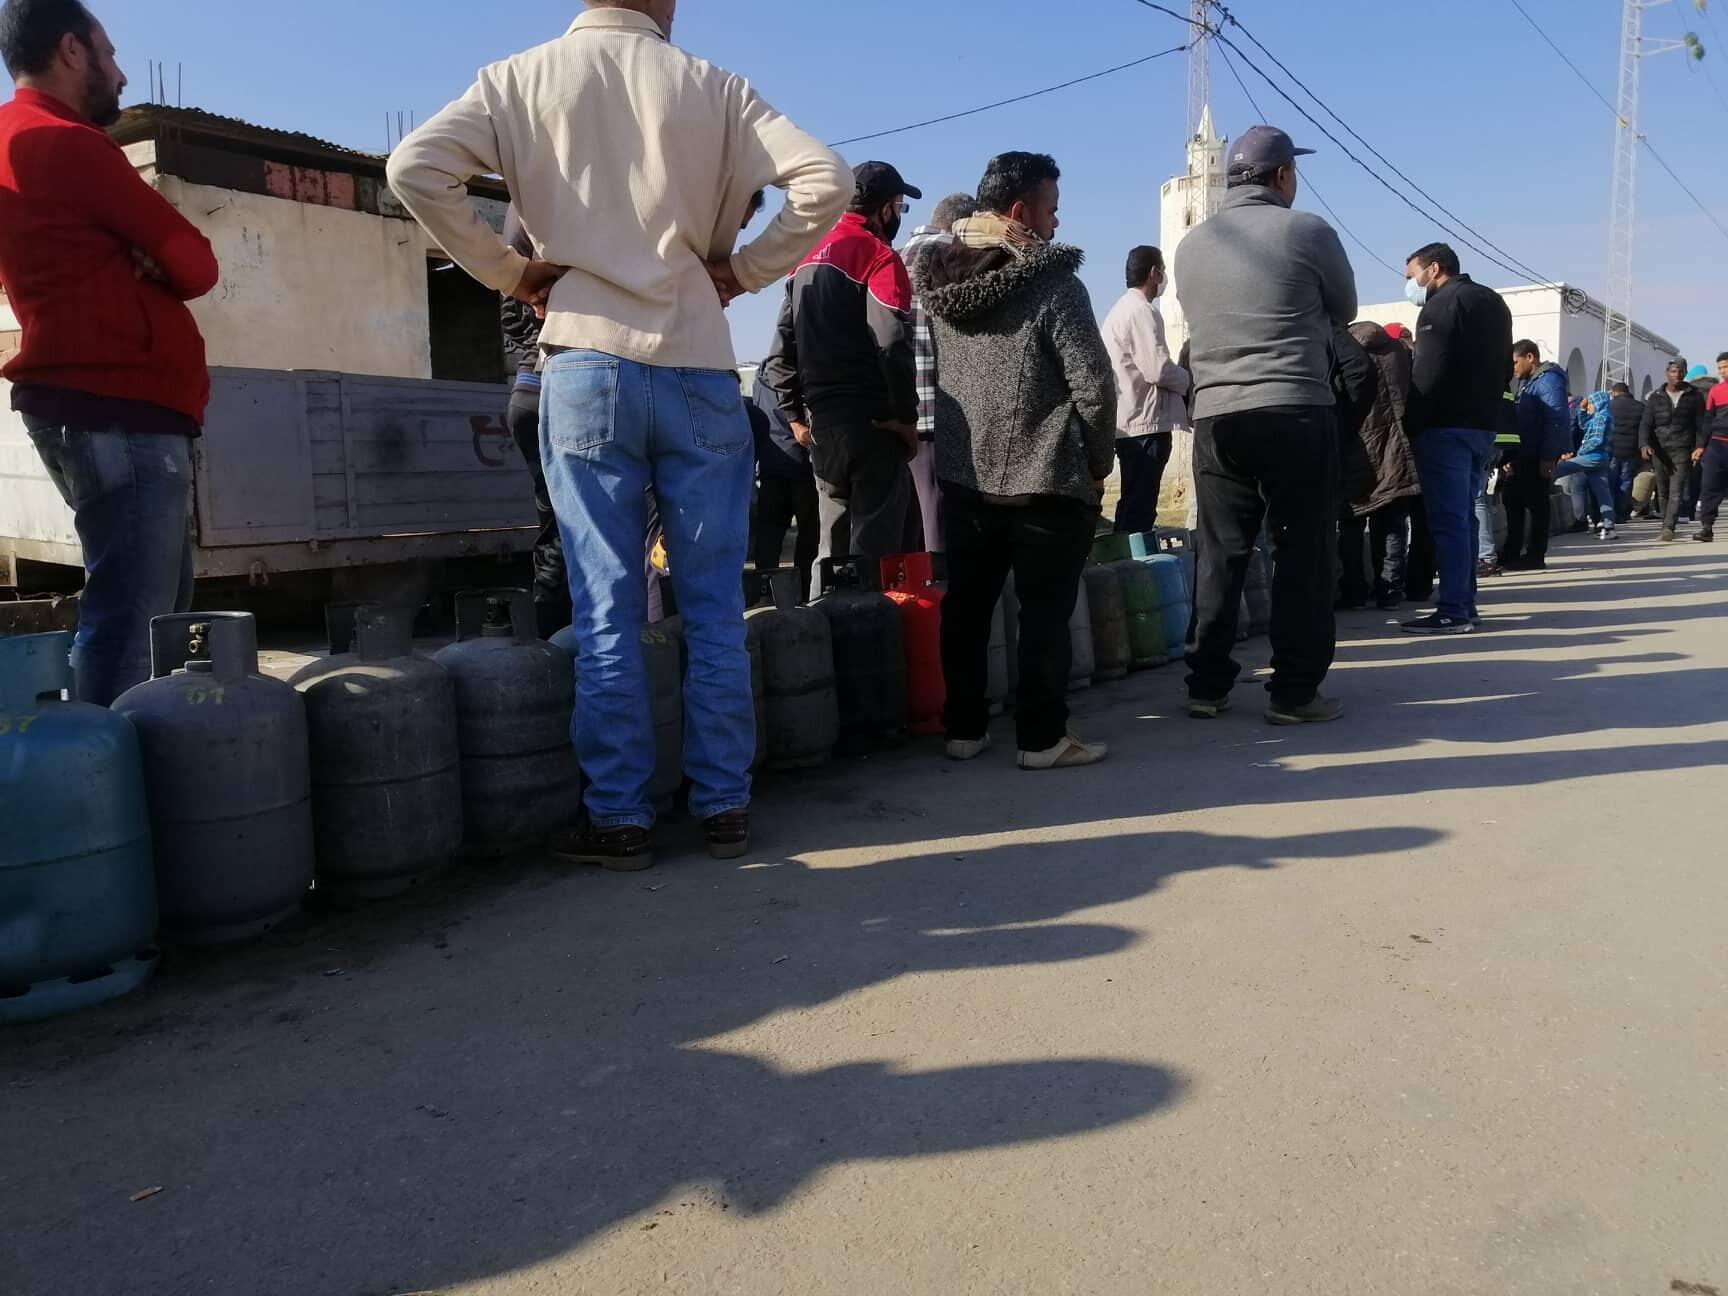 Files d'attente devant un point de vente de bouteilles de gaz domestique à Gabès, le 24 novembre 2020. Photos envoyées par notre Observateur.